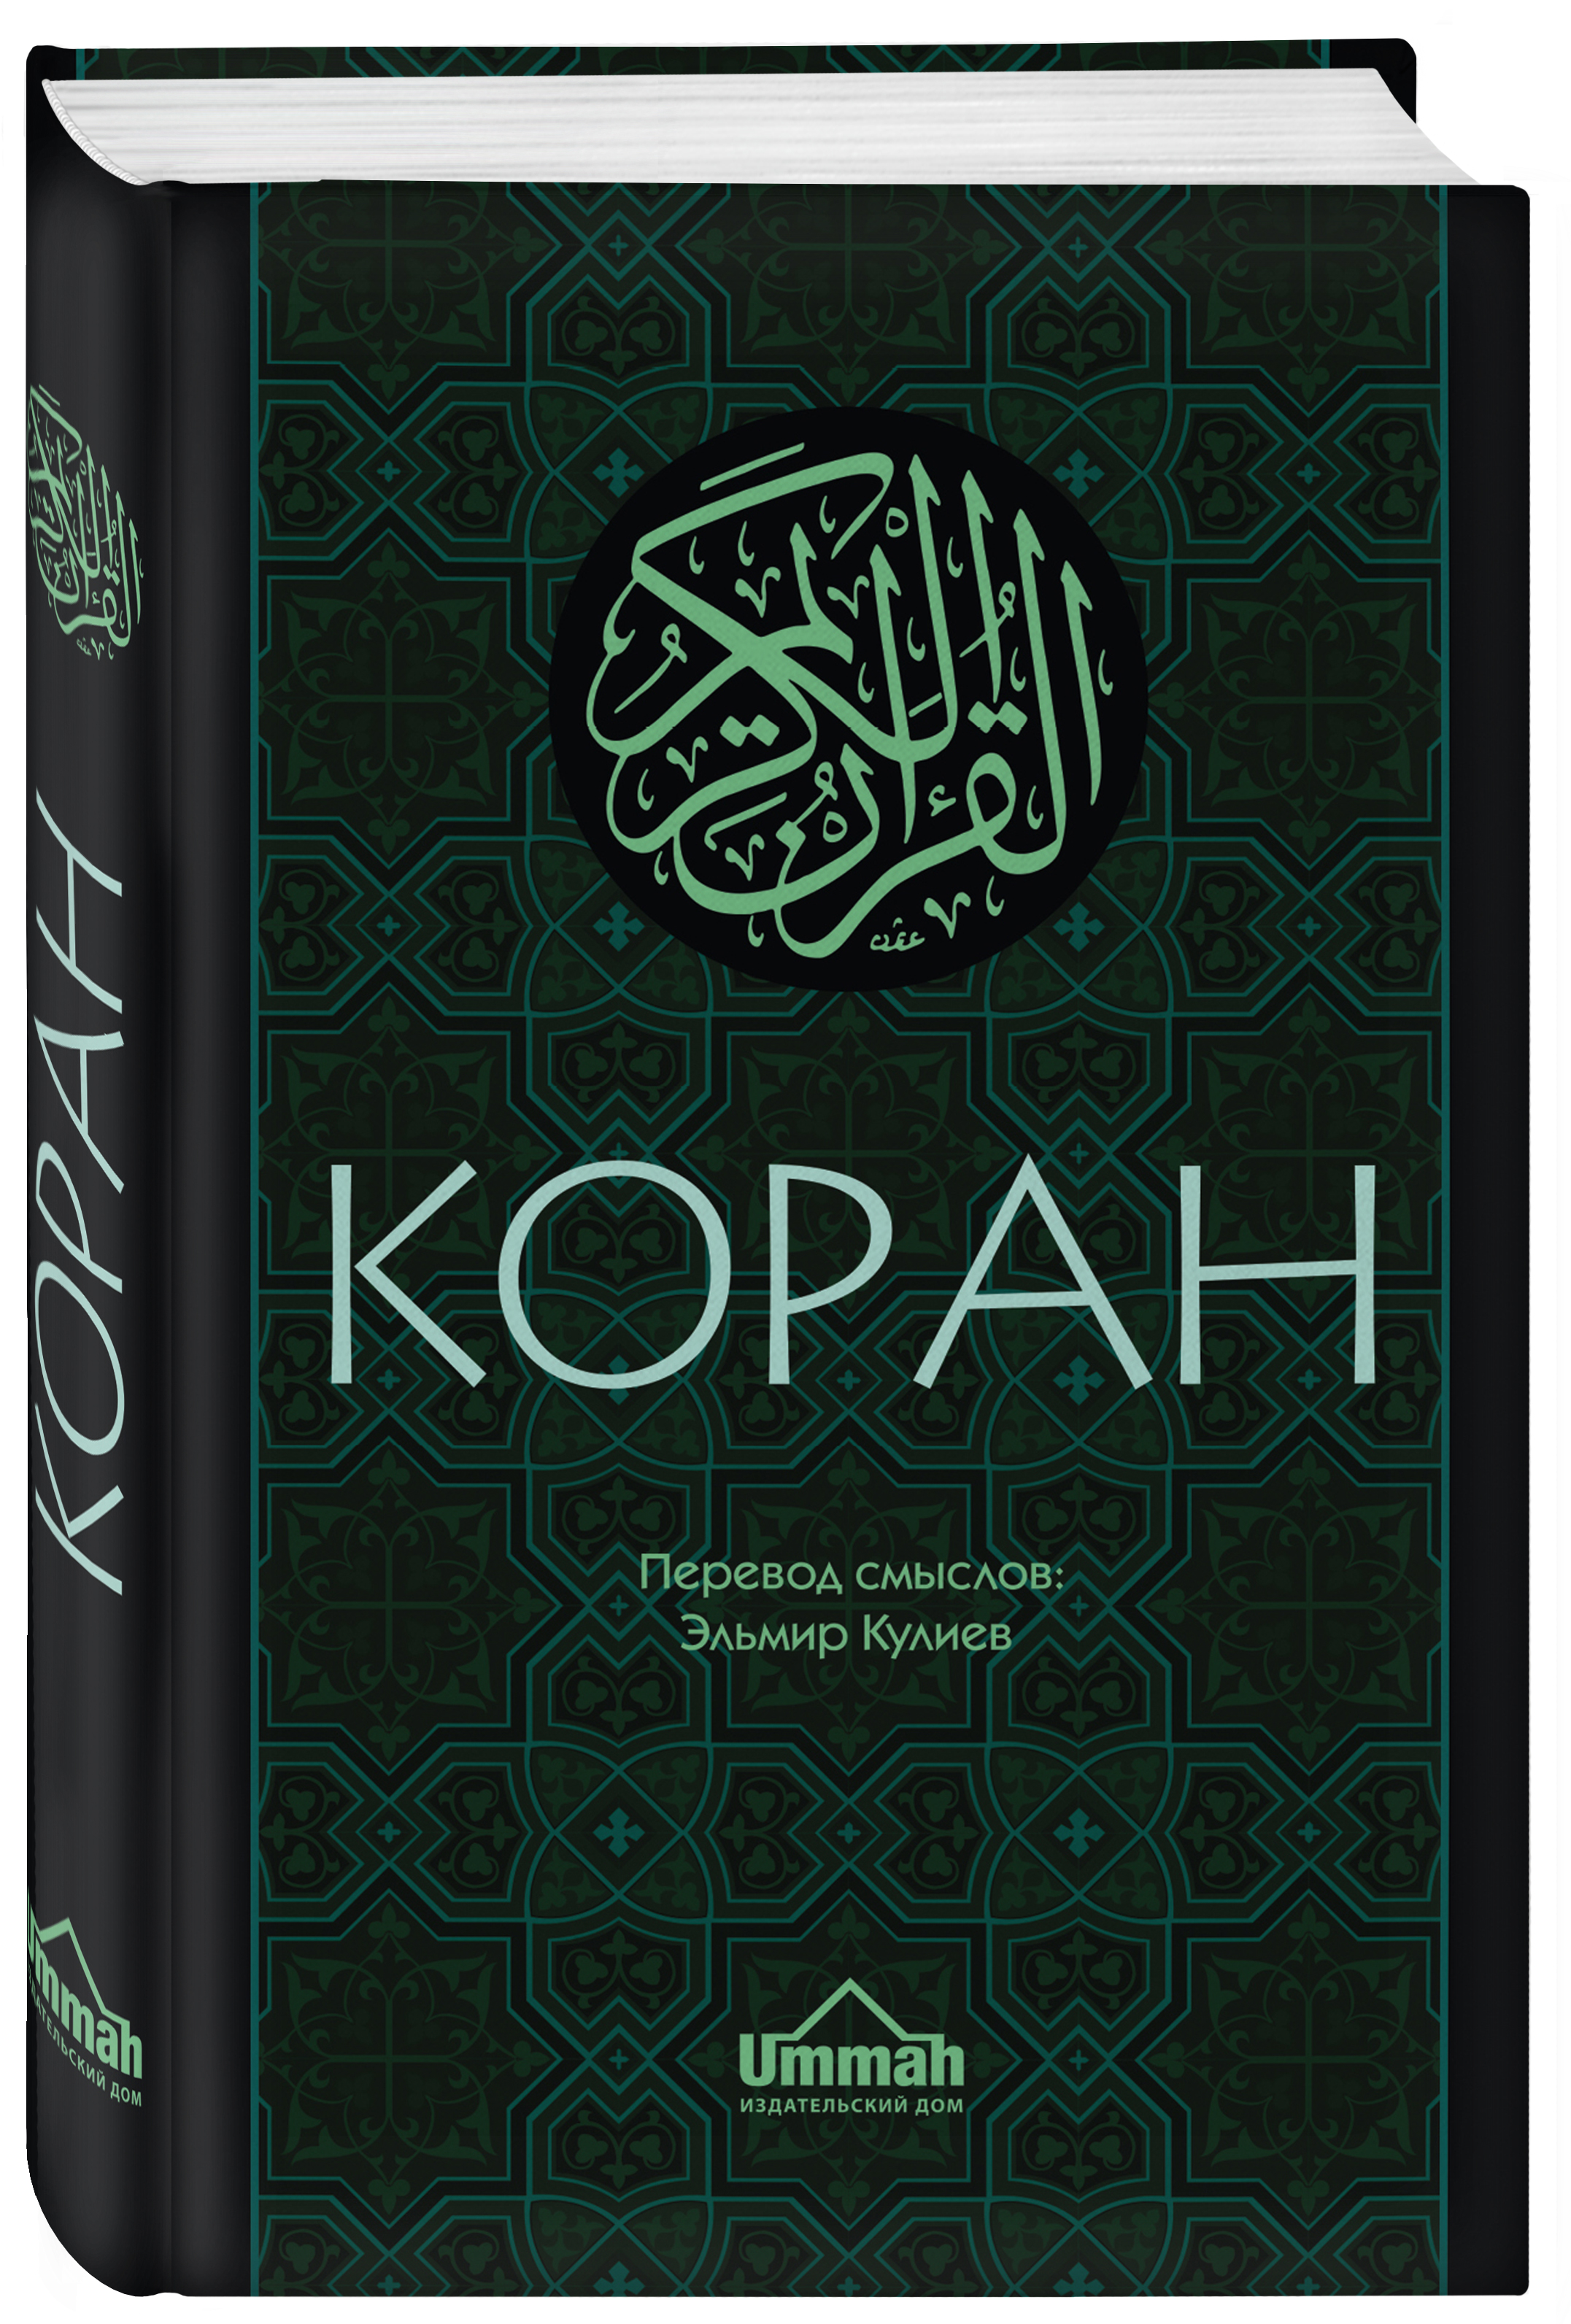 Коран: Перевод смыслов (Новый. Оф. 1) ( Кулиев Э.Р.  )